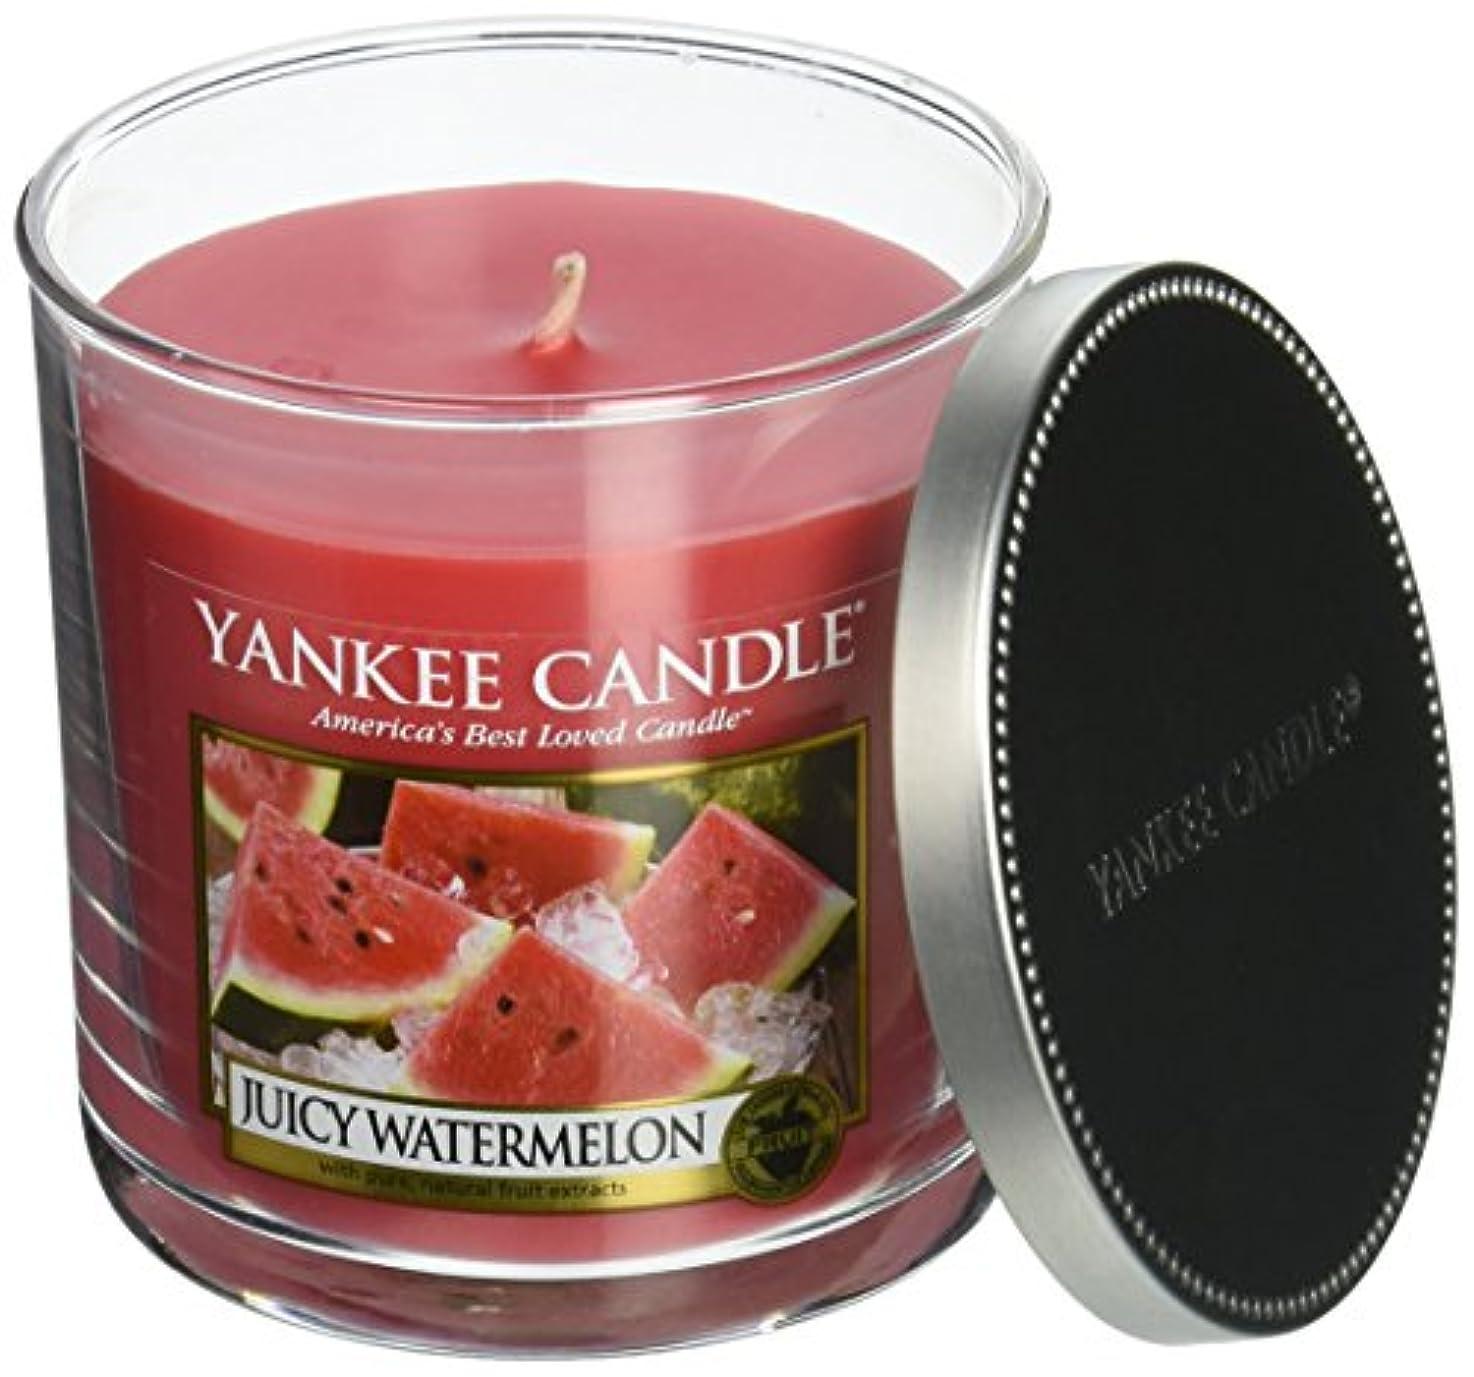 ホステスアンドリューハリディ流用するYankee Candle Juicyメロン、フルーツ香り Small Single Wick Tumbler Candle レッド 1186165Z